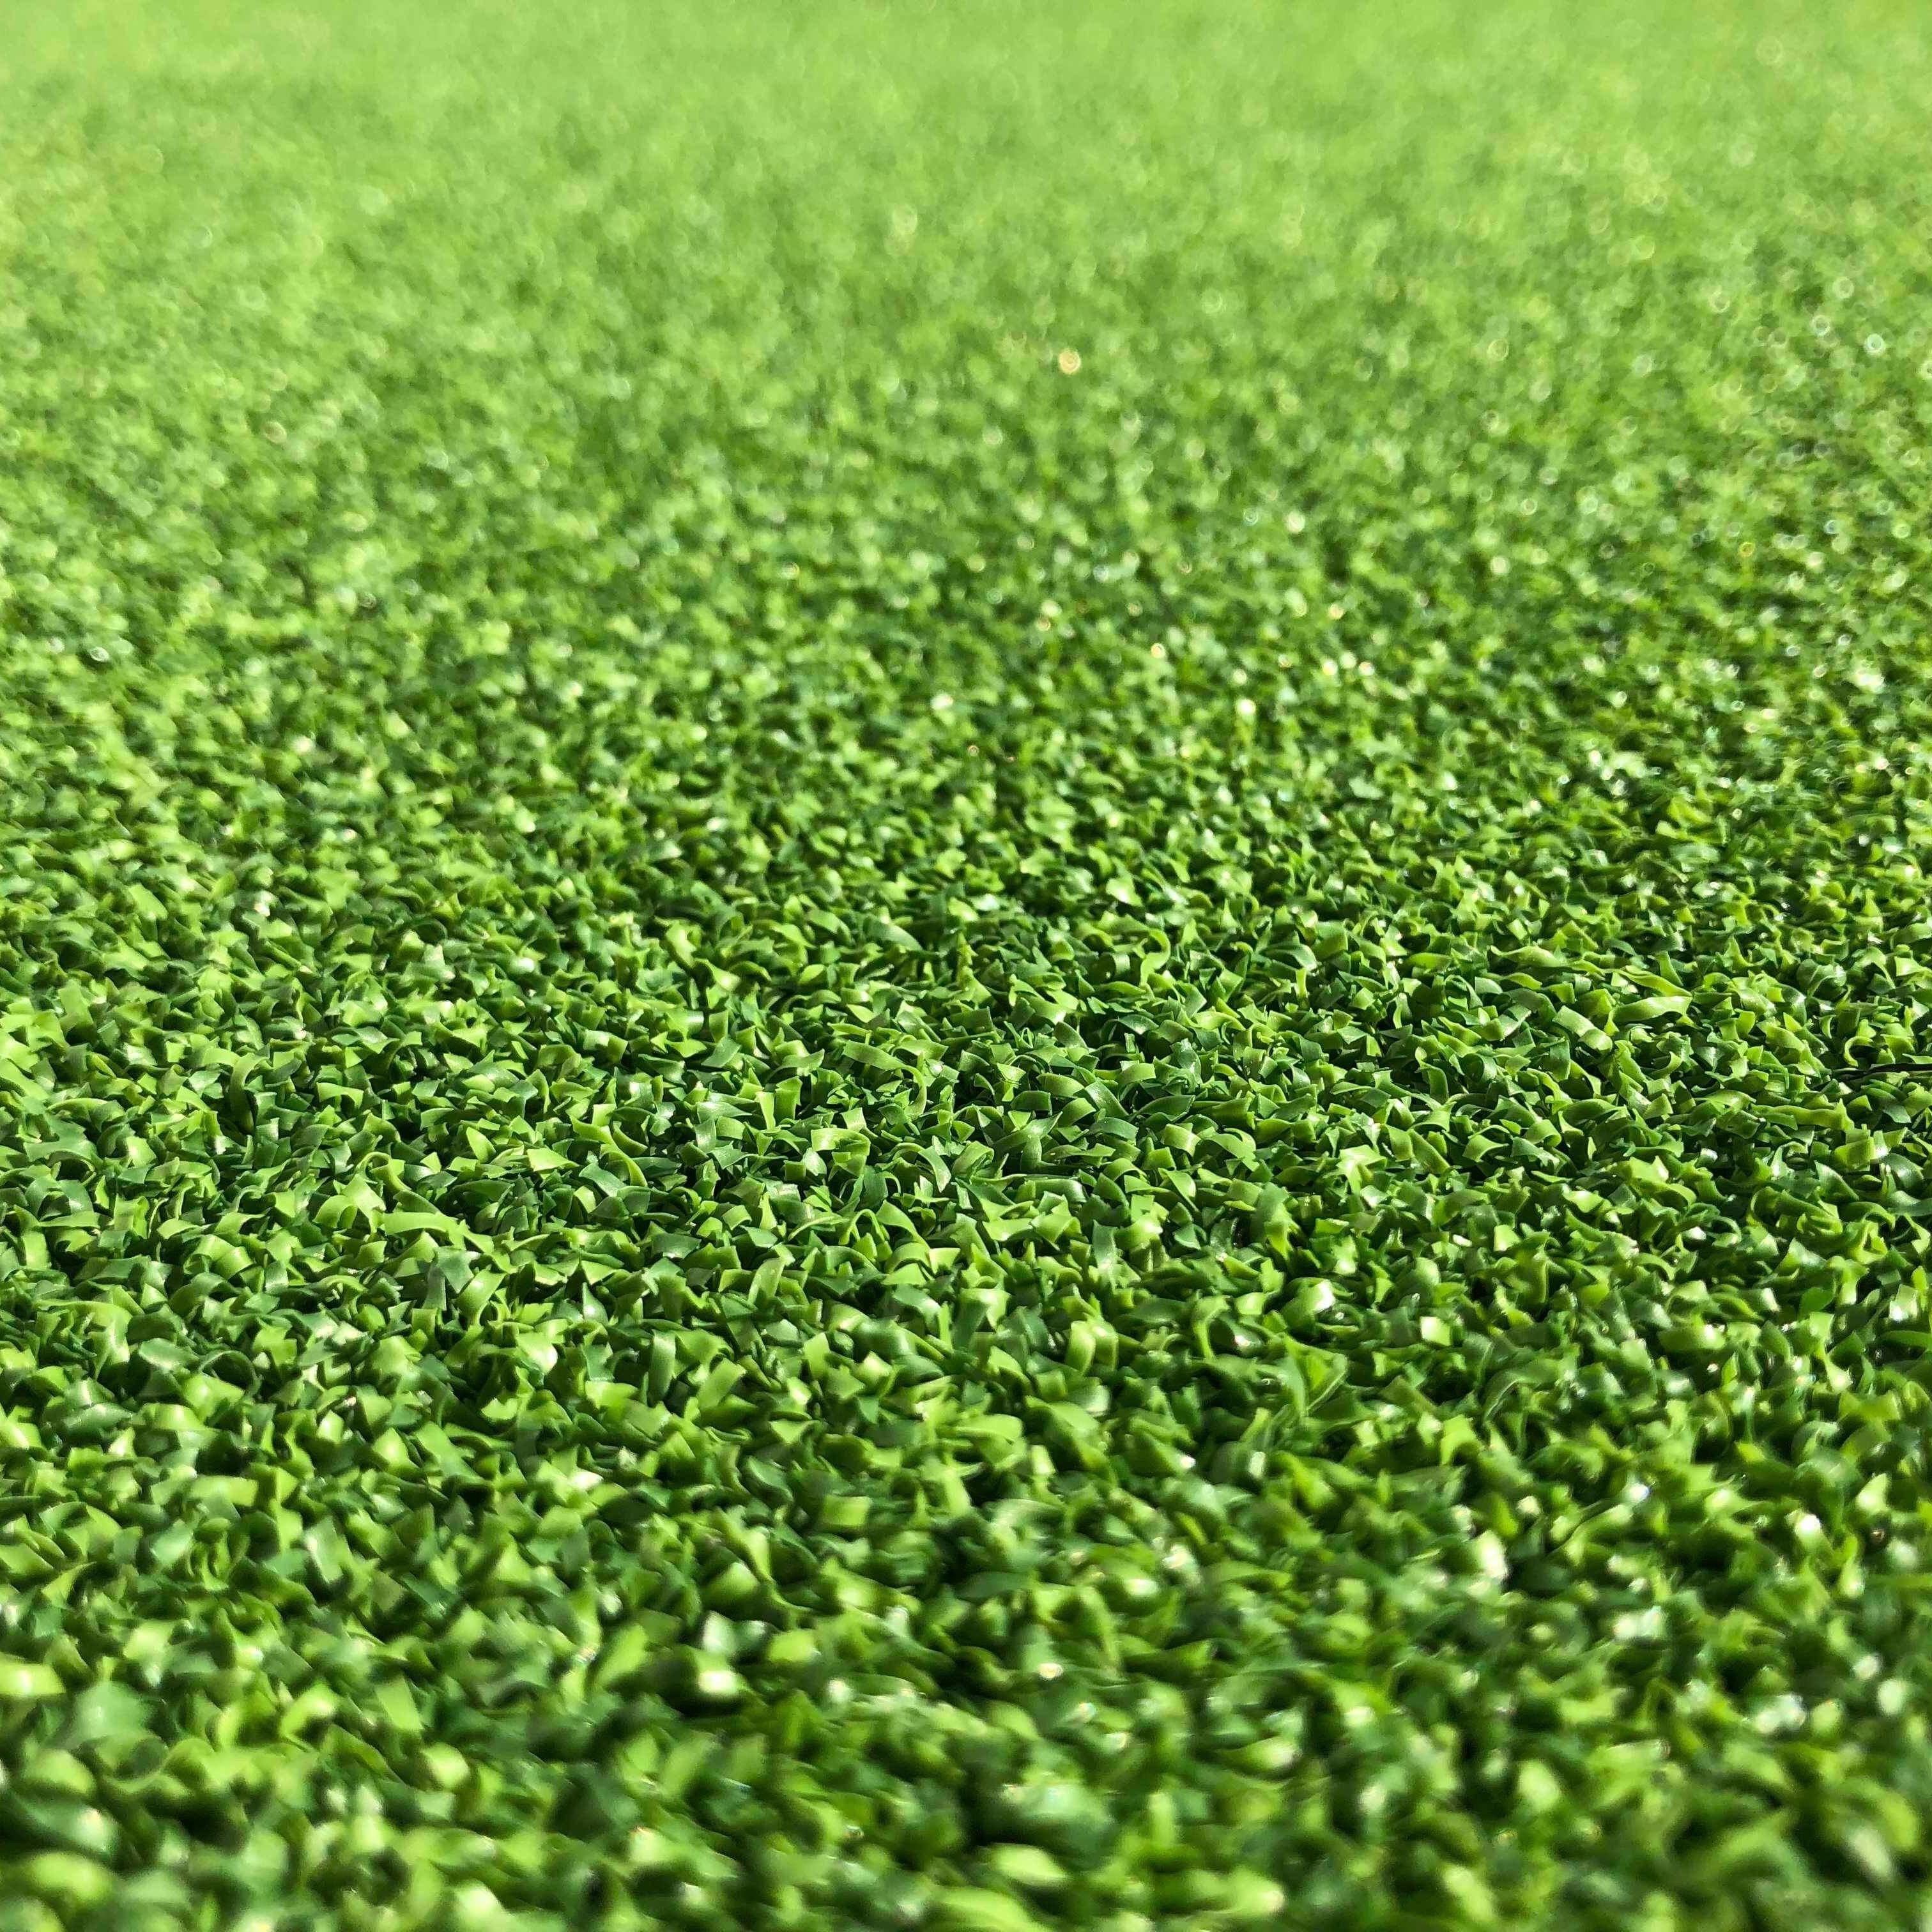 水はけ、草むしり、パター(ゴルフ)の練習。 透水性コンクリートを下地にした【人工芝】の施工マニュアル #1